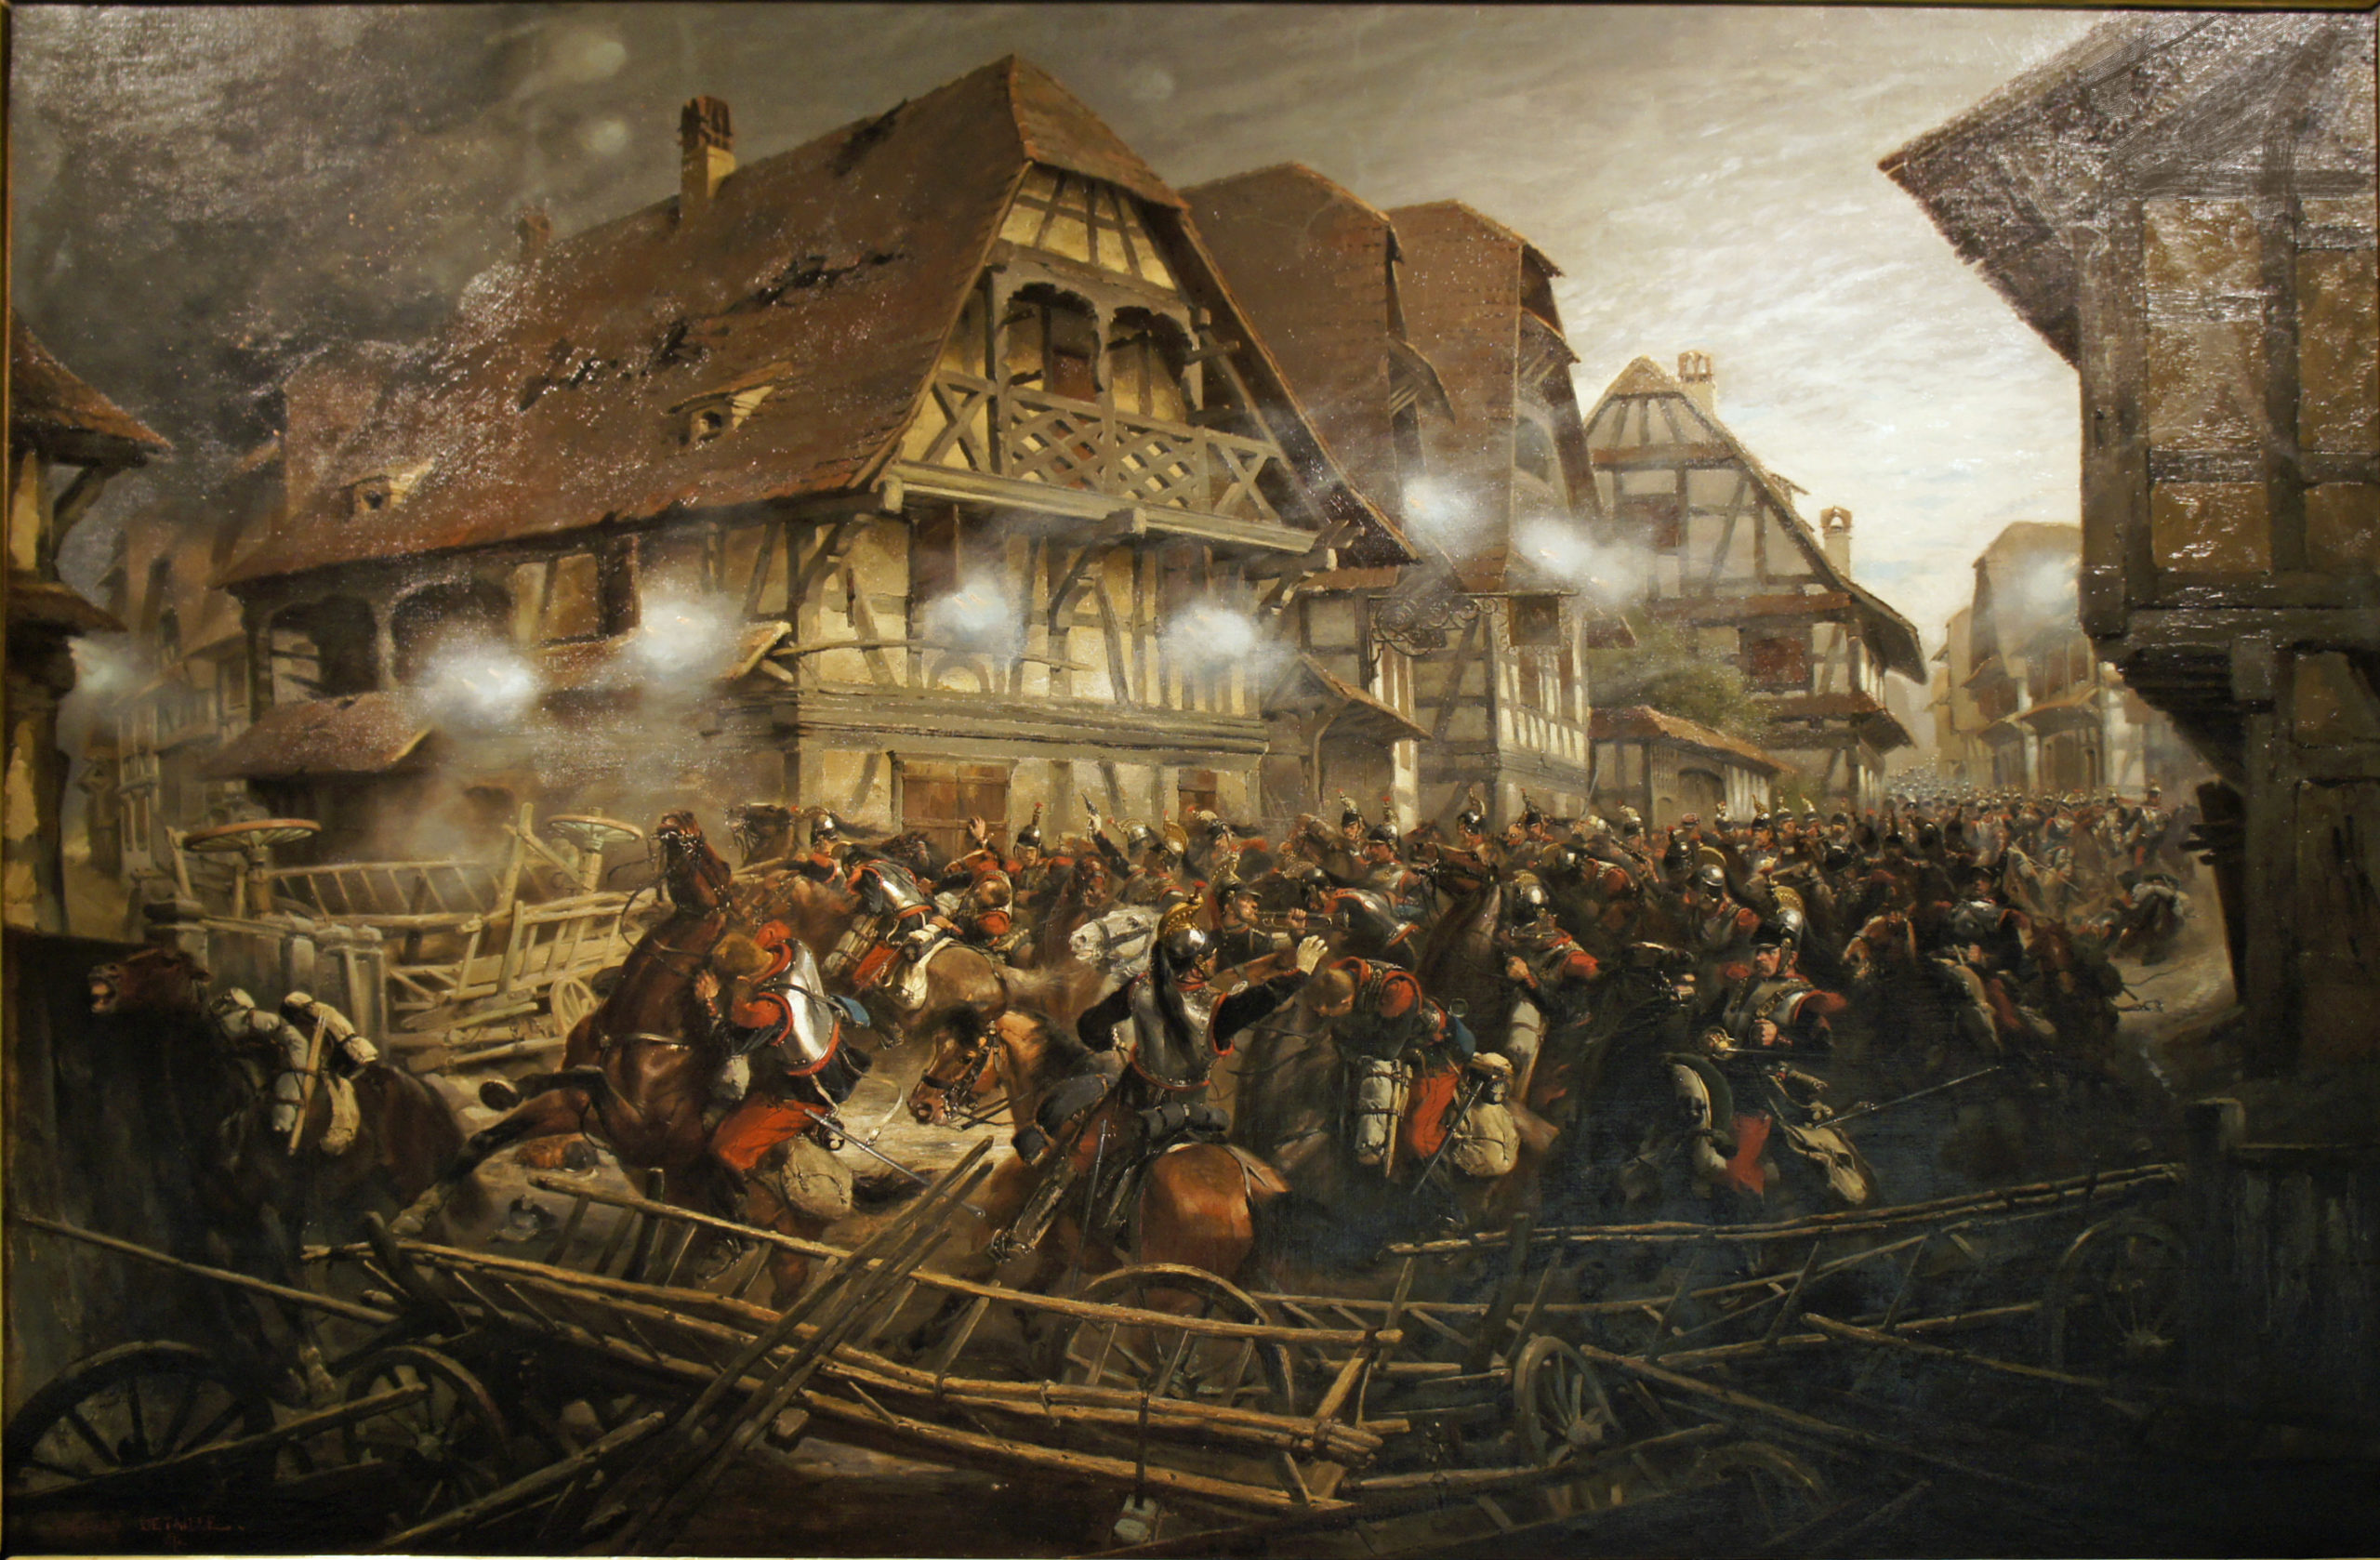 Peinture d'Édouard Détaille illustrant la charge des cuirassiers français dans Morsbronn